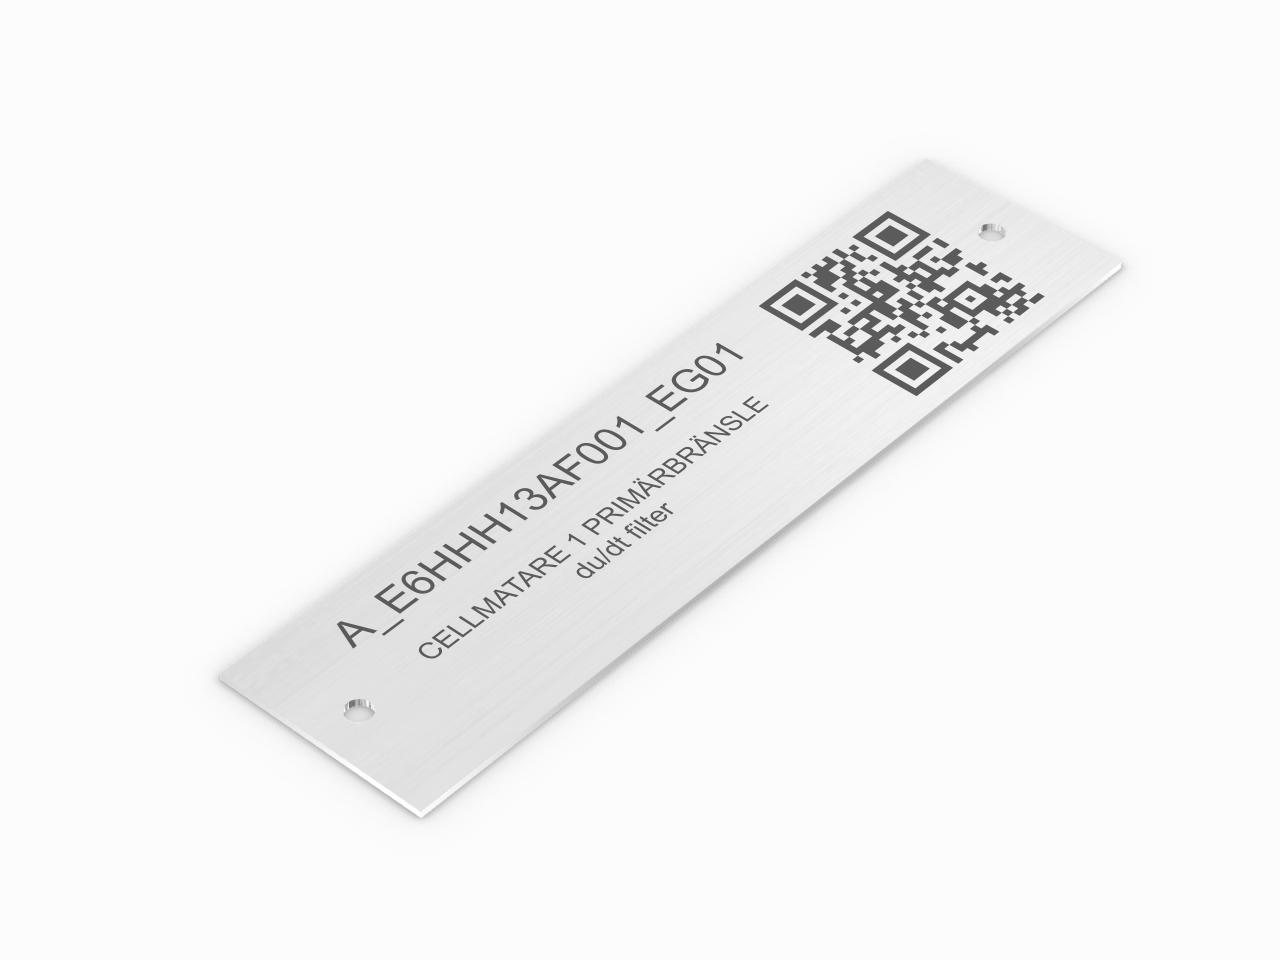 inwentaryzacyjna identyfikacyjna tabliczka aluminiowa z kodem QR